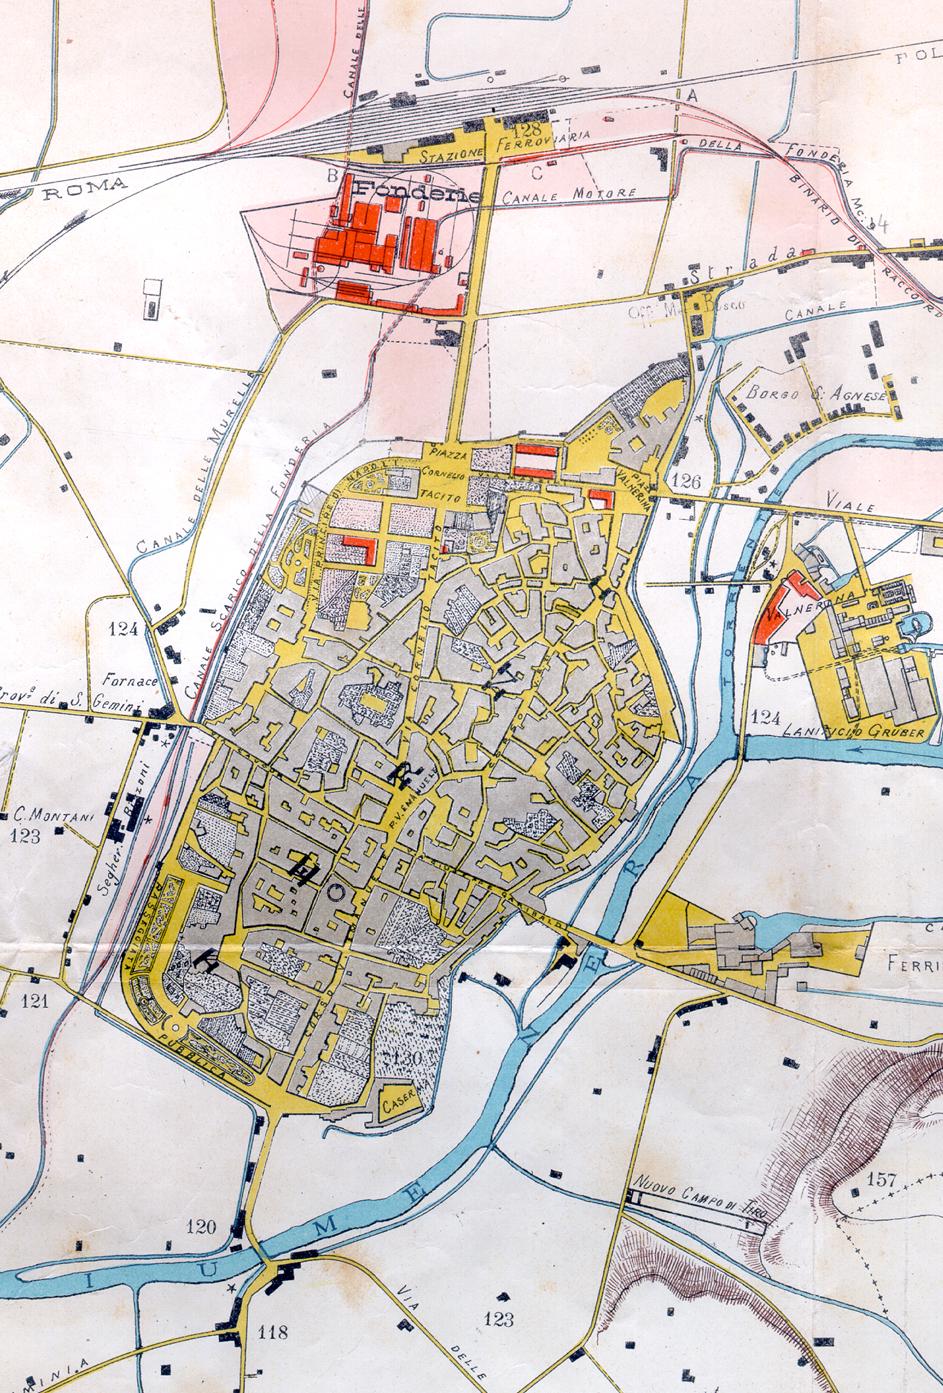 FileTerni mappa fine XIX secolopng Wikimedia Commons